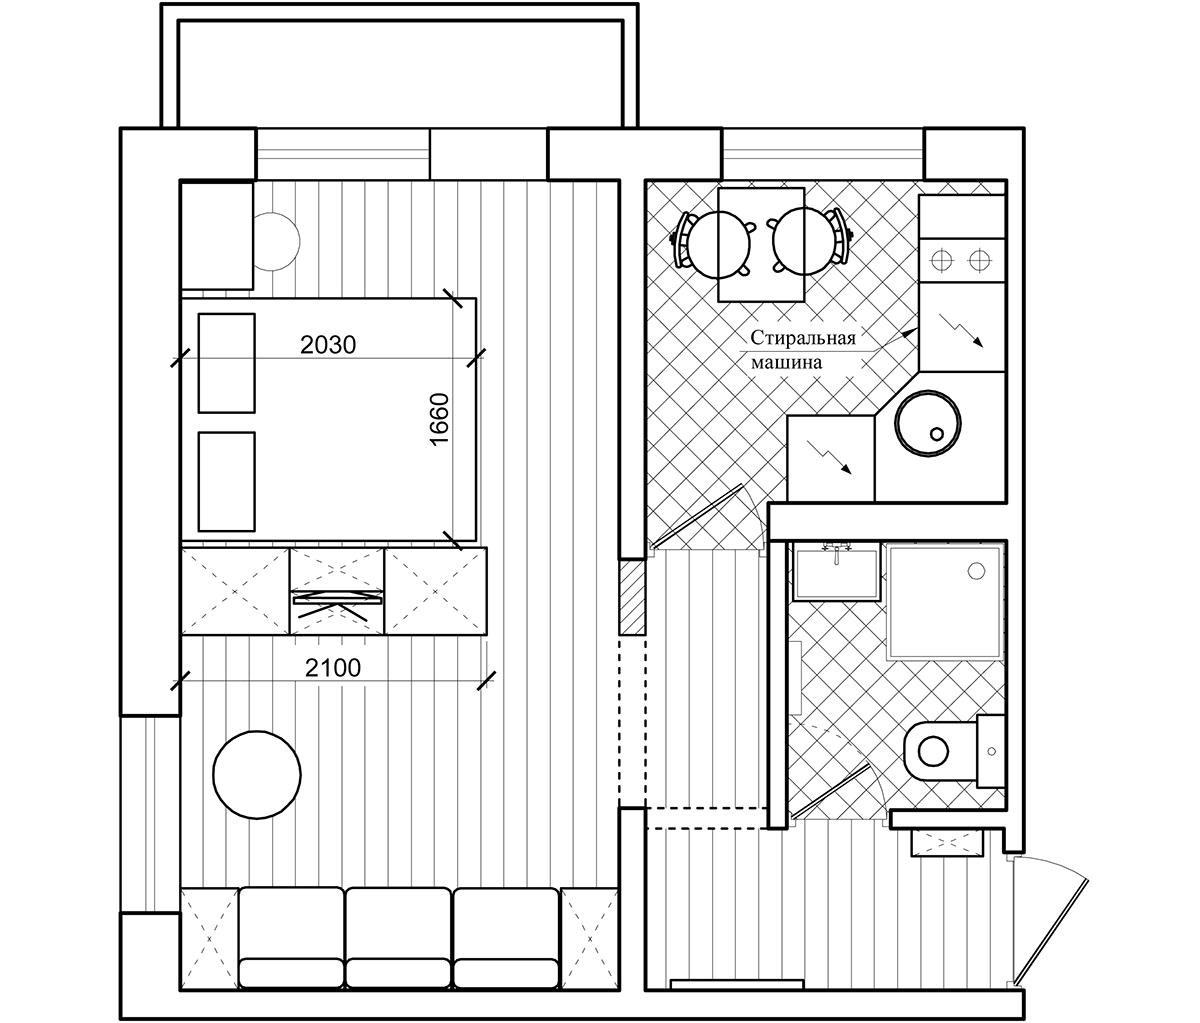 Продажа 3-комнатной квартиры (80 мкв), Одинцовский р-н